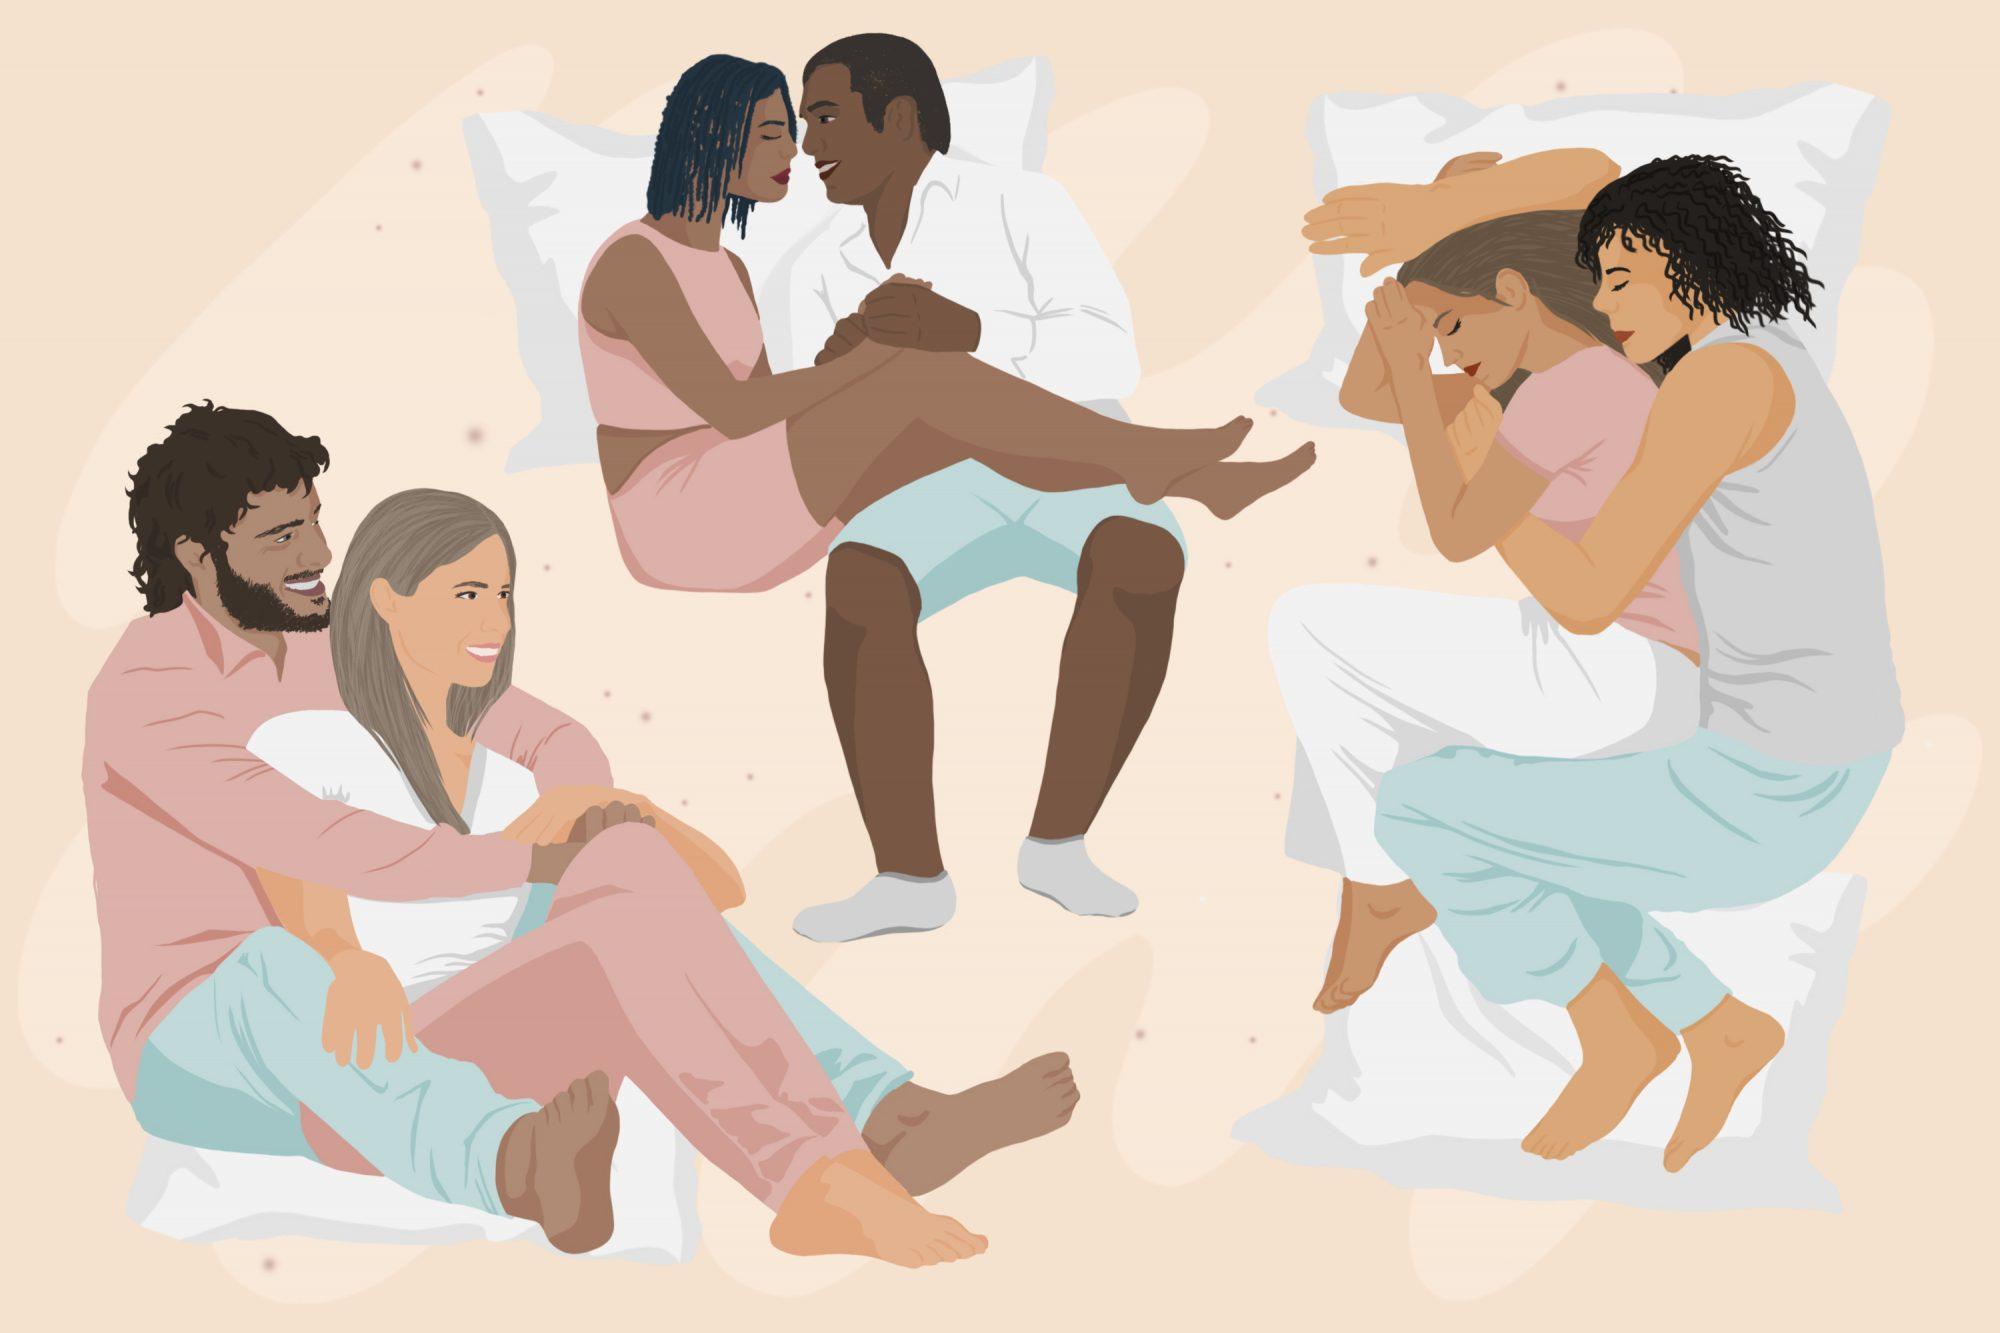 Ways to cuddle best 3 Ways